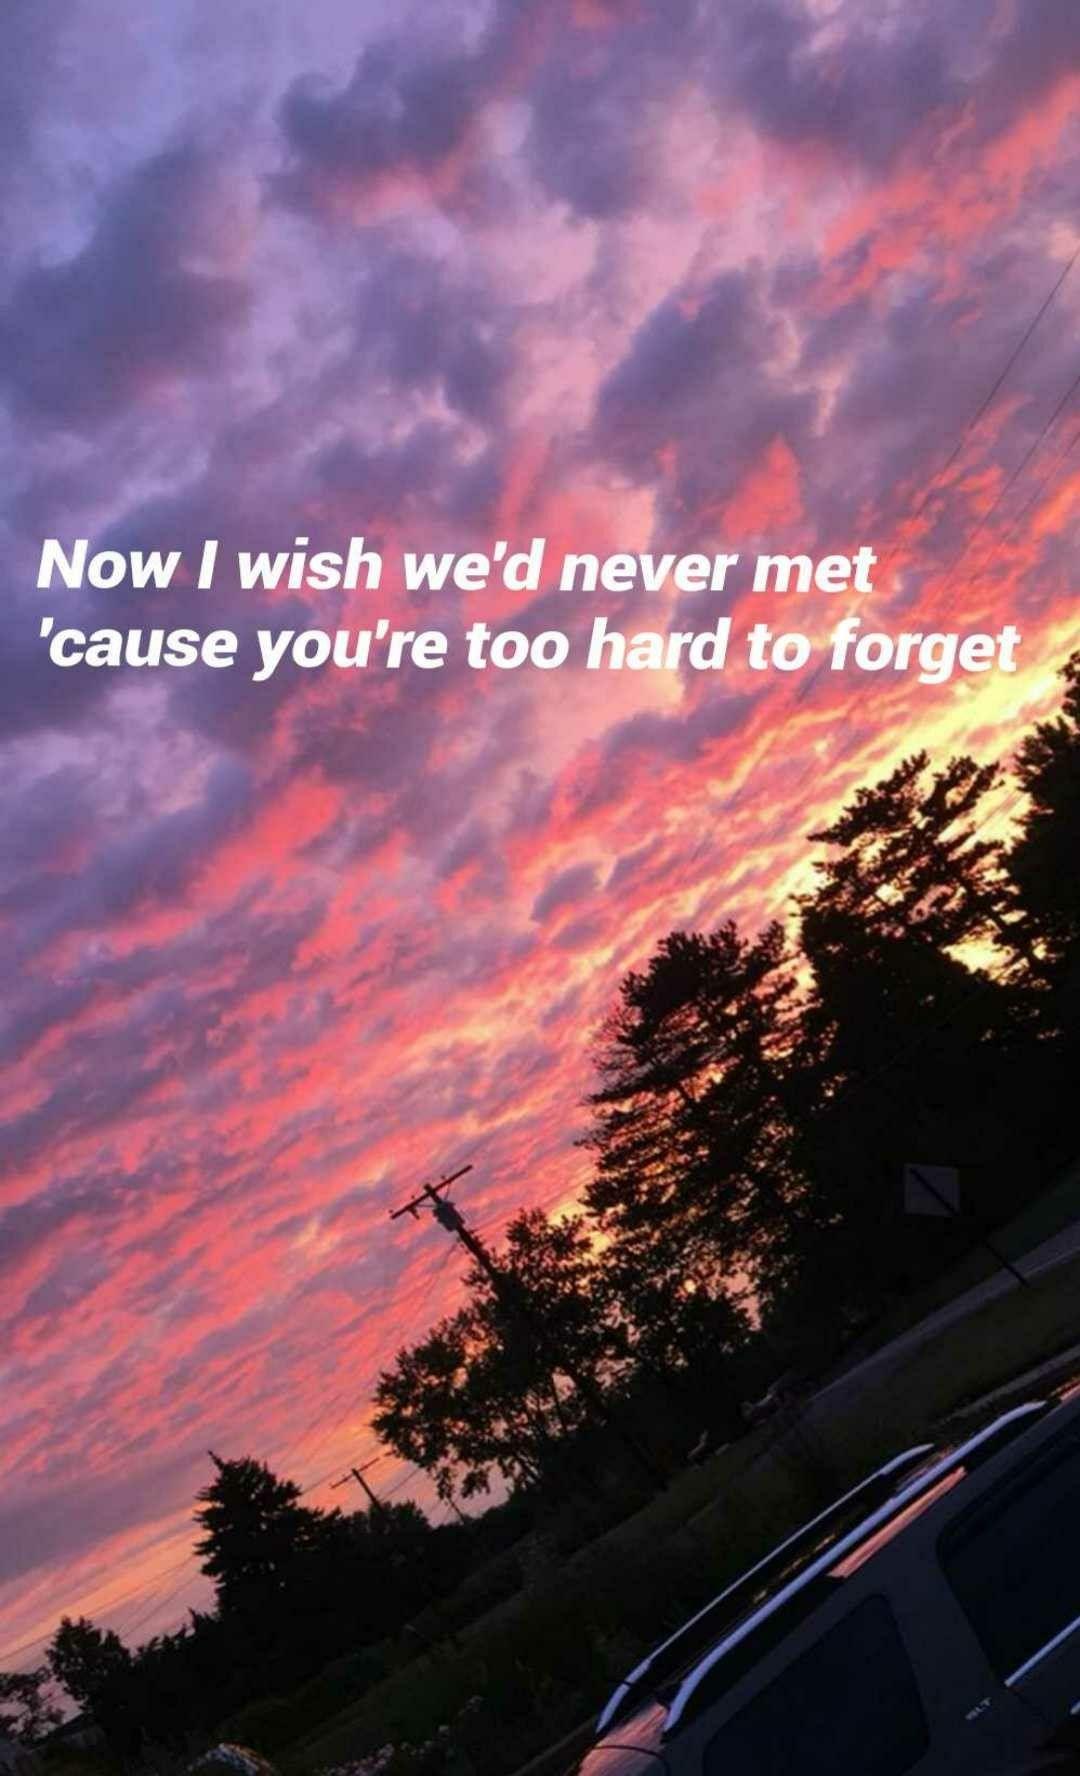 lie to me lyrics by Nicole Antovoni